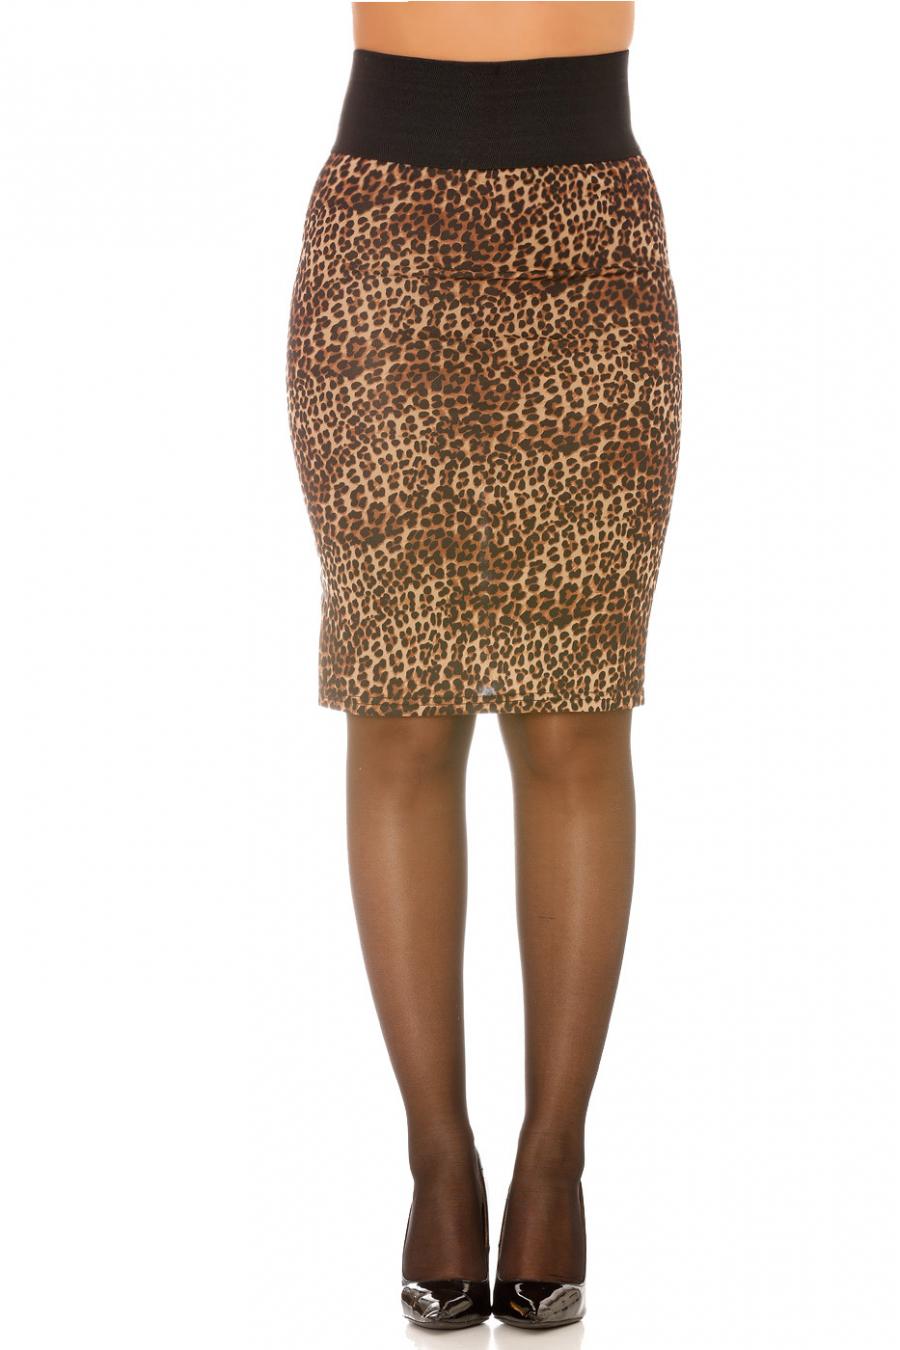 Jupe crayon motif léopard élastique à la taille. F-2261